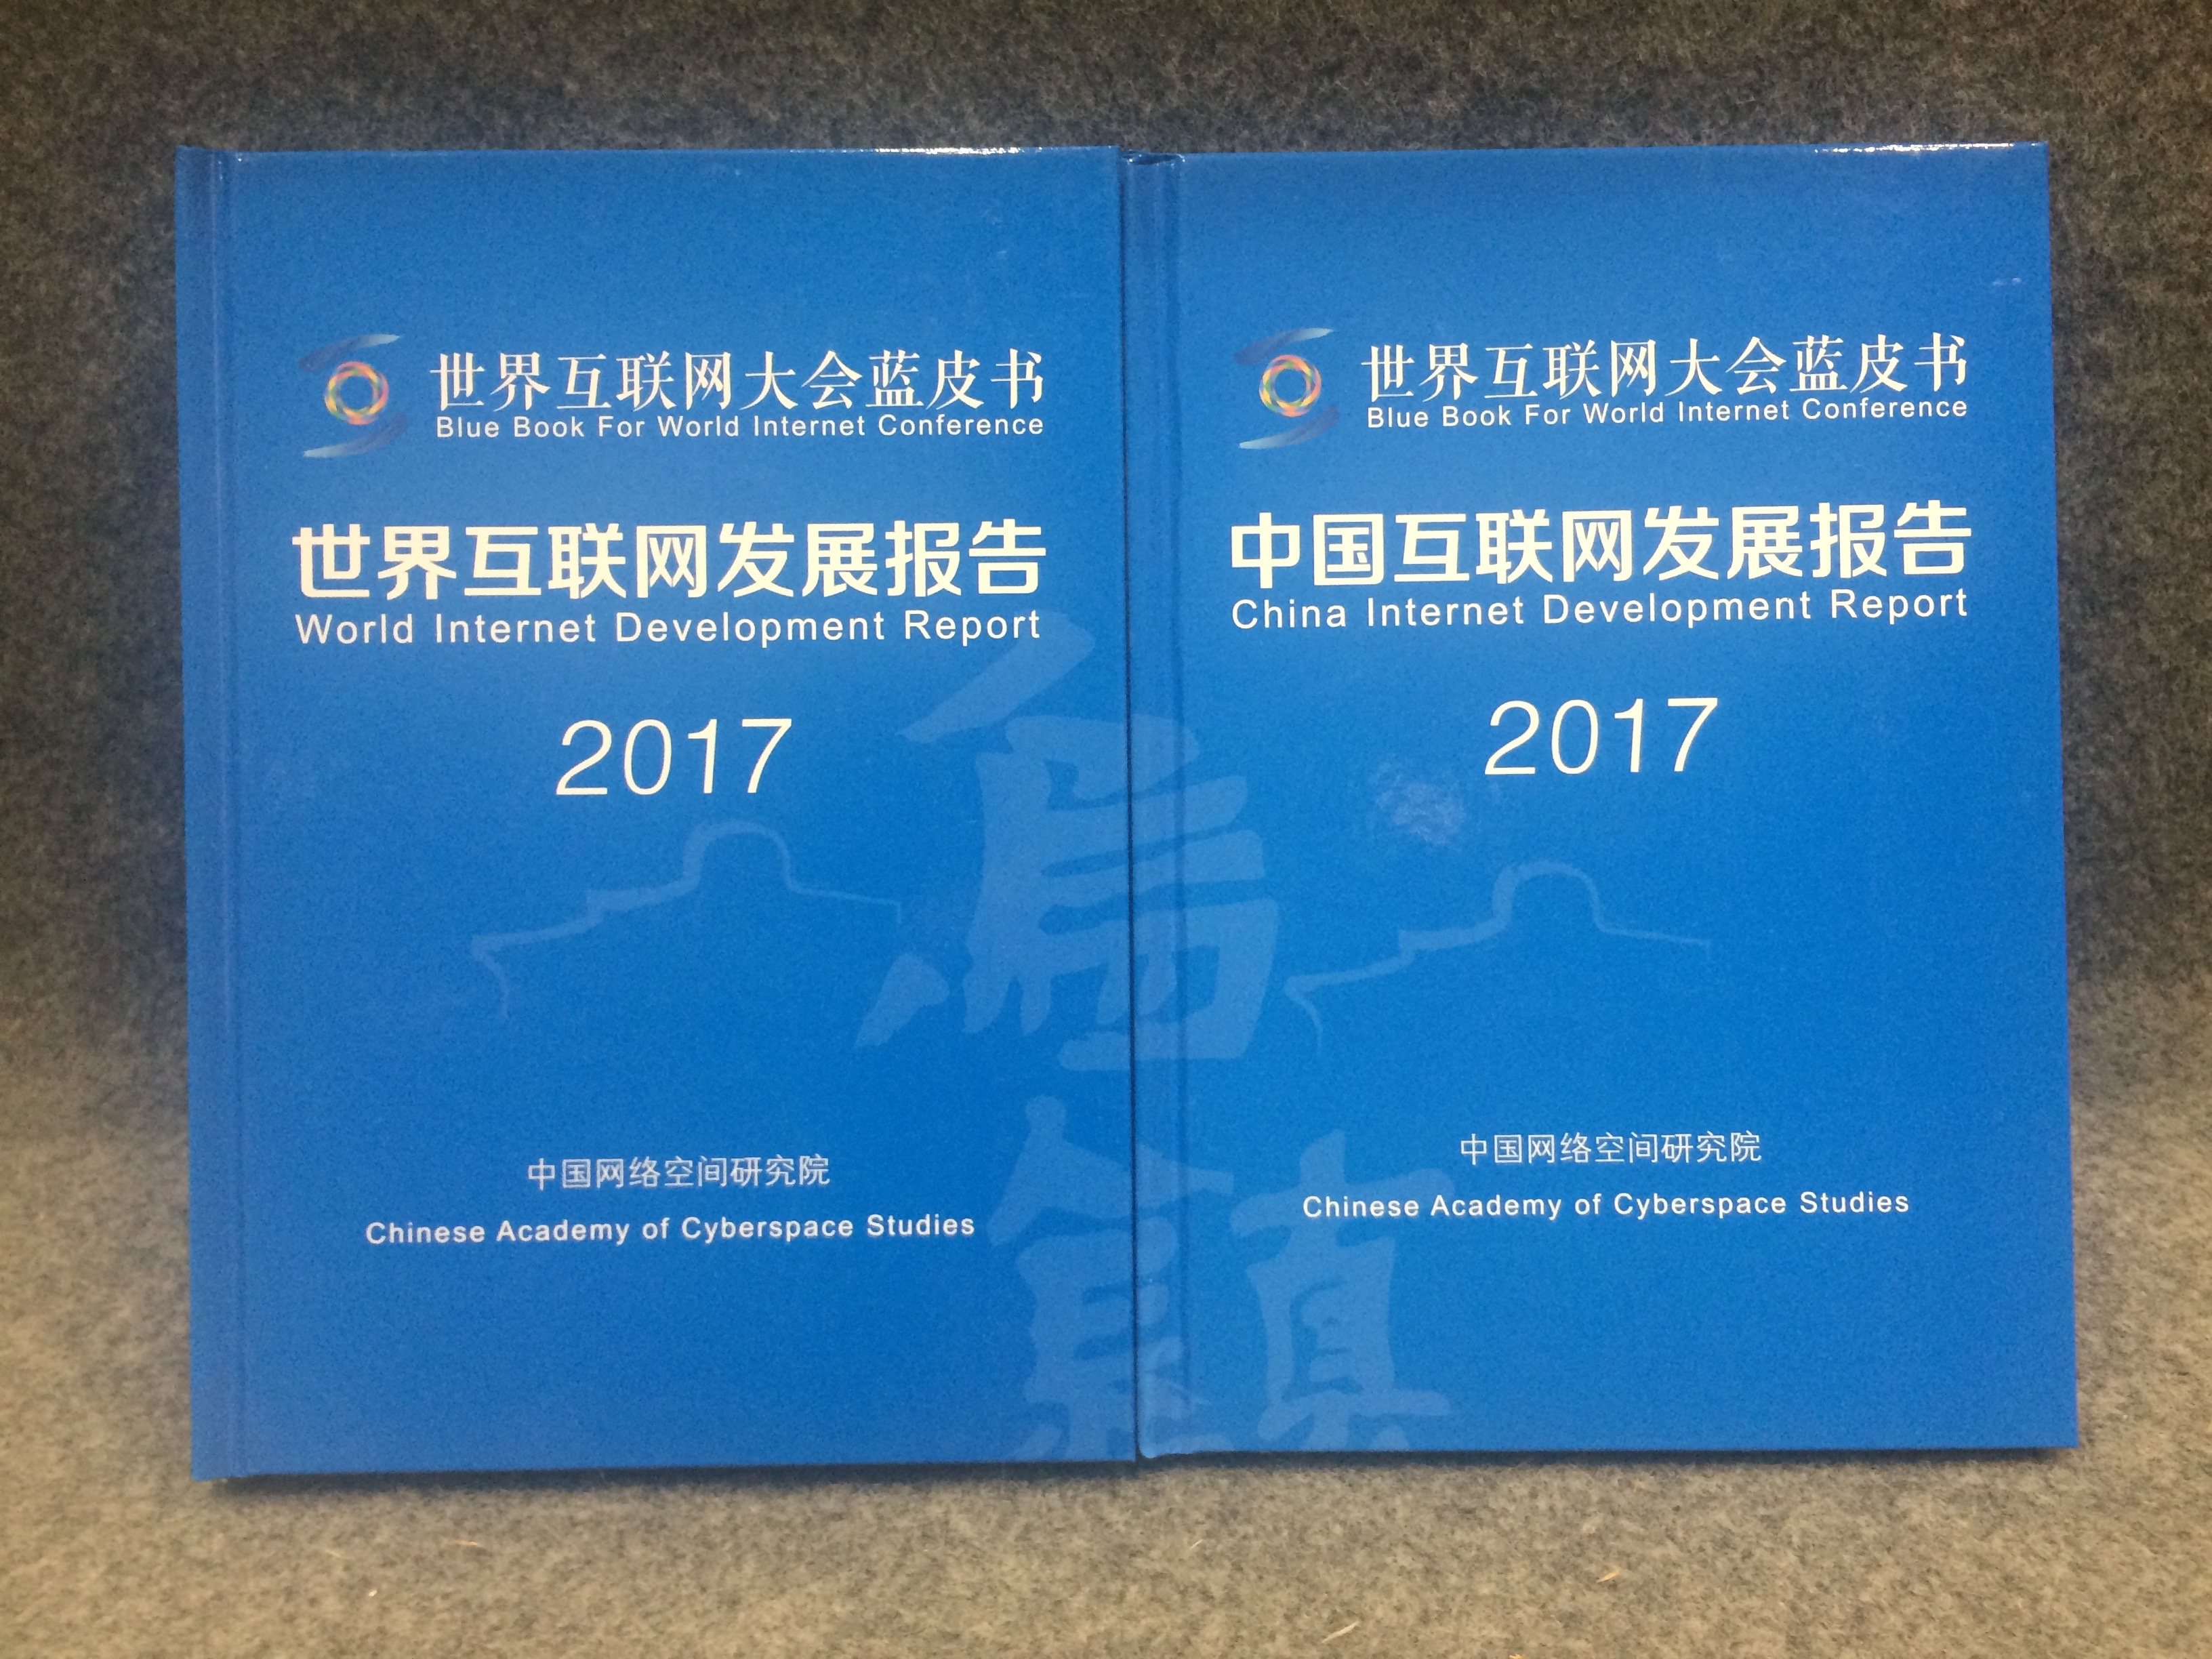 第四届世界互联网大会首发两本蓝皮书 展现互联网发展态势3.jpg